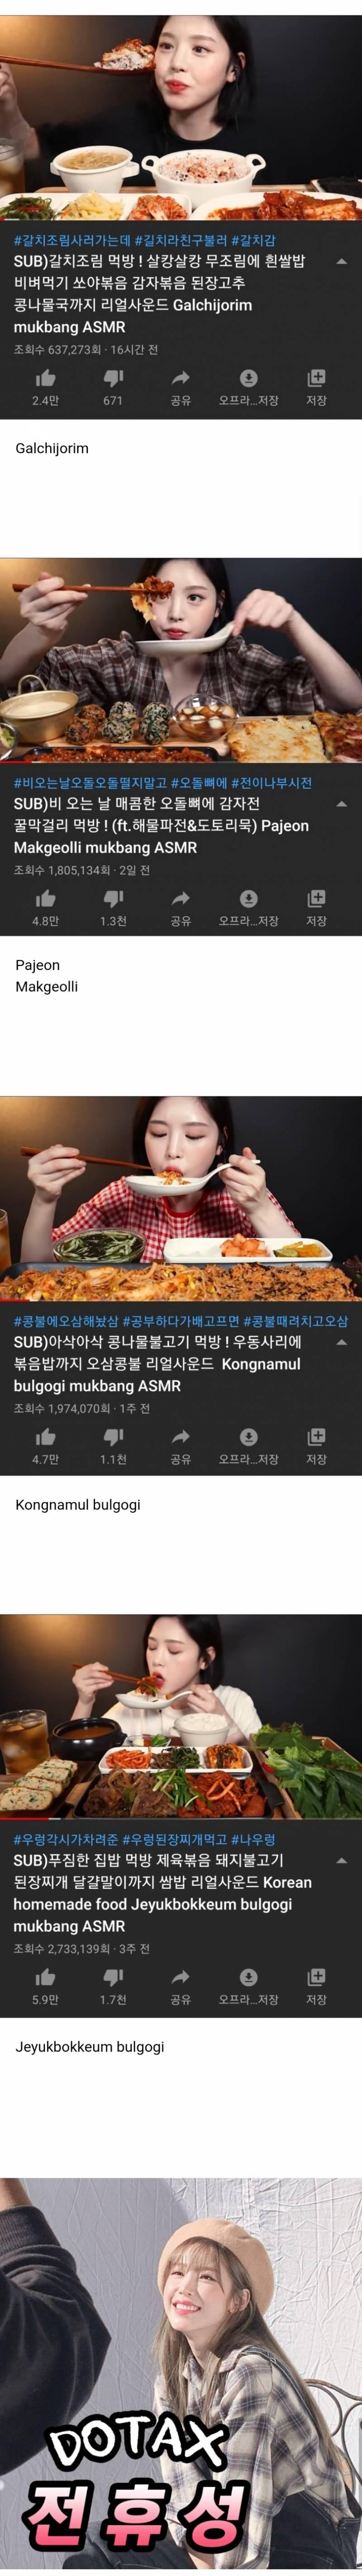 최근 문복희 먹방 영상 제목 근황.........jpg   인스티즈